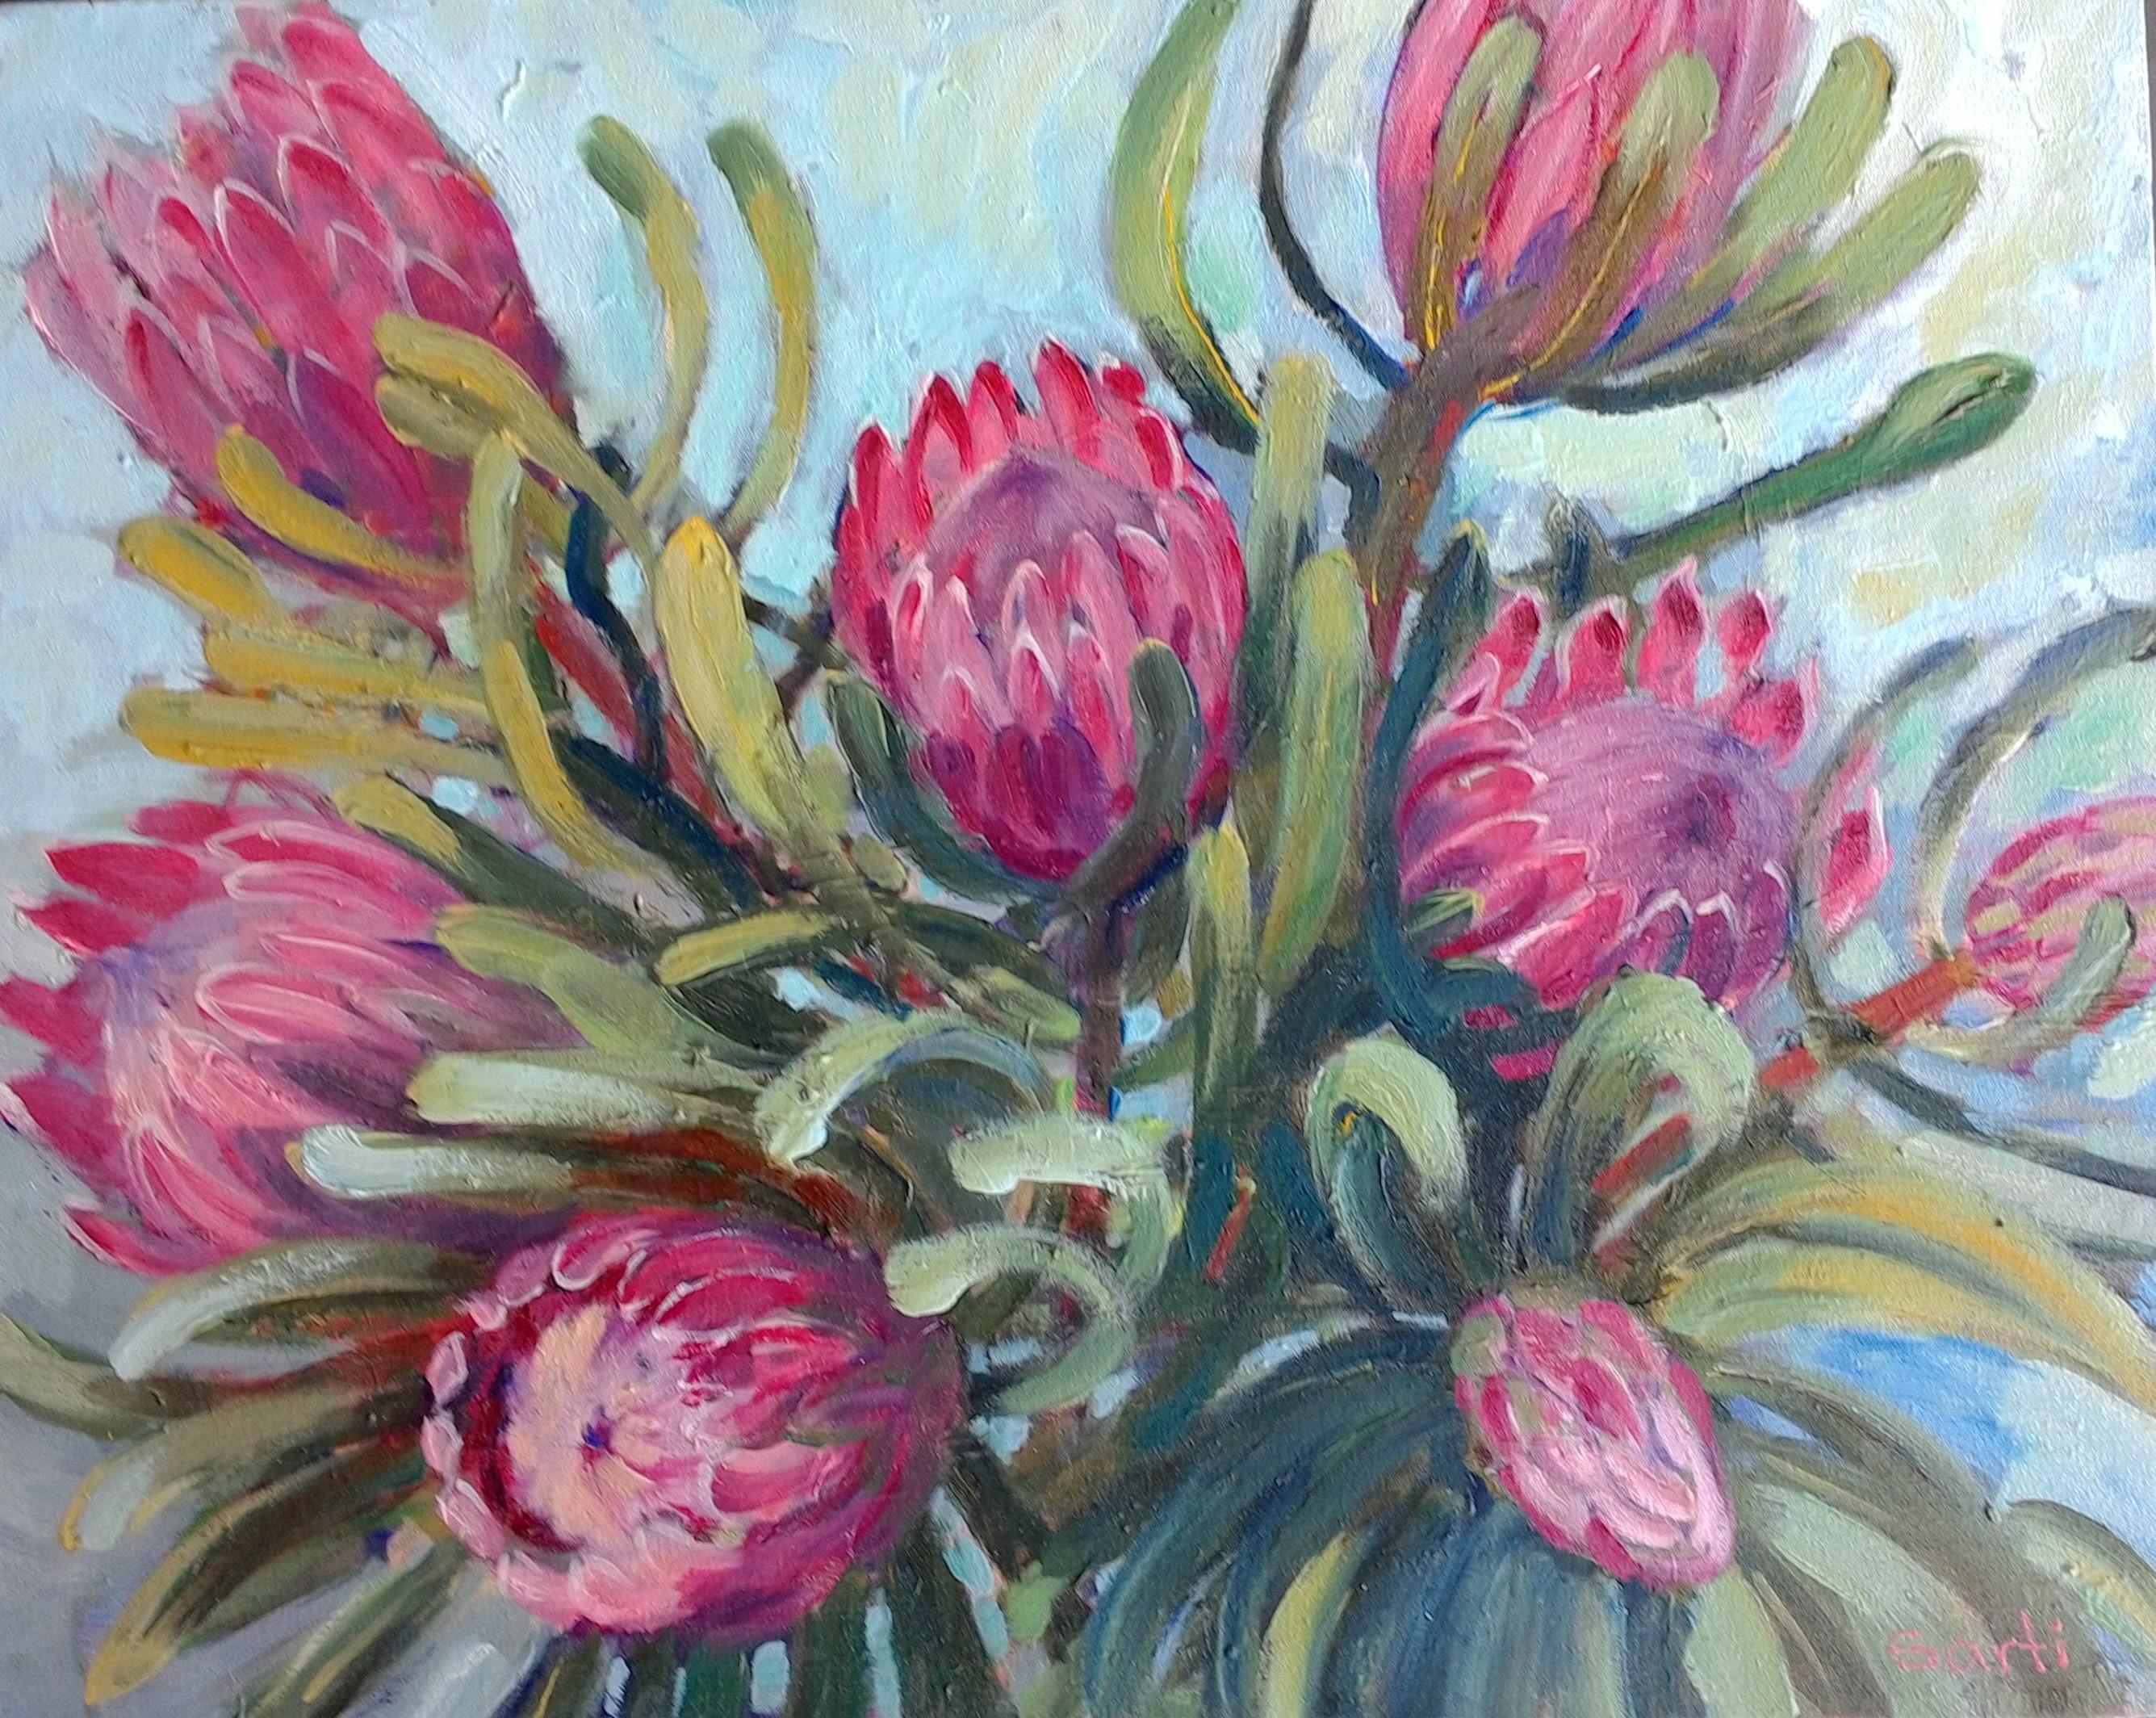 Protea oil on canvas 51x41cm $400.